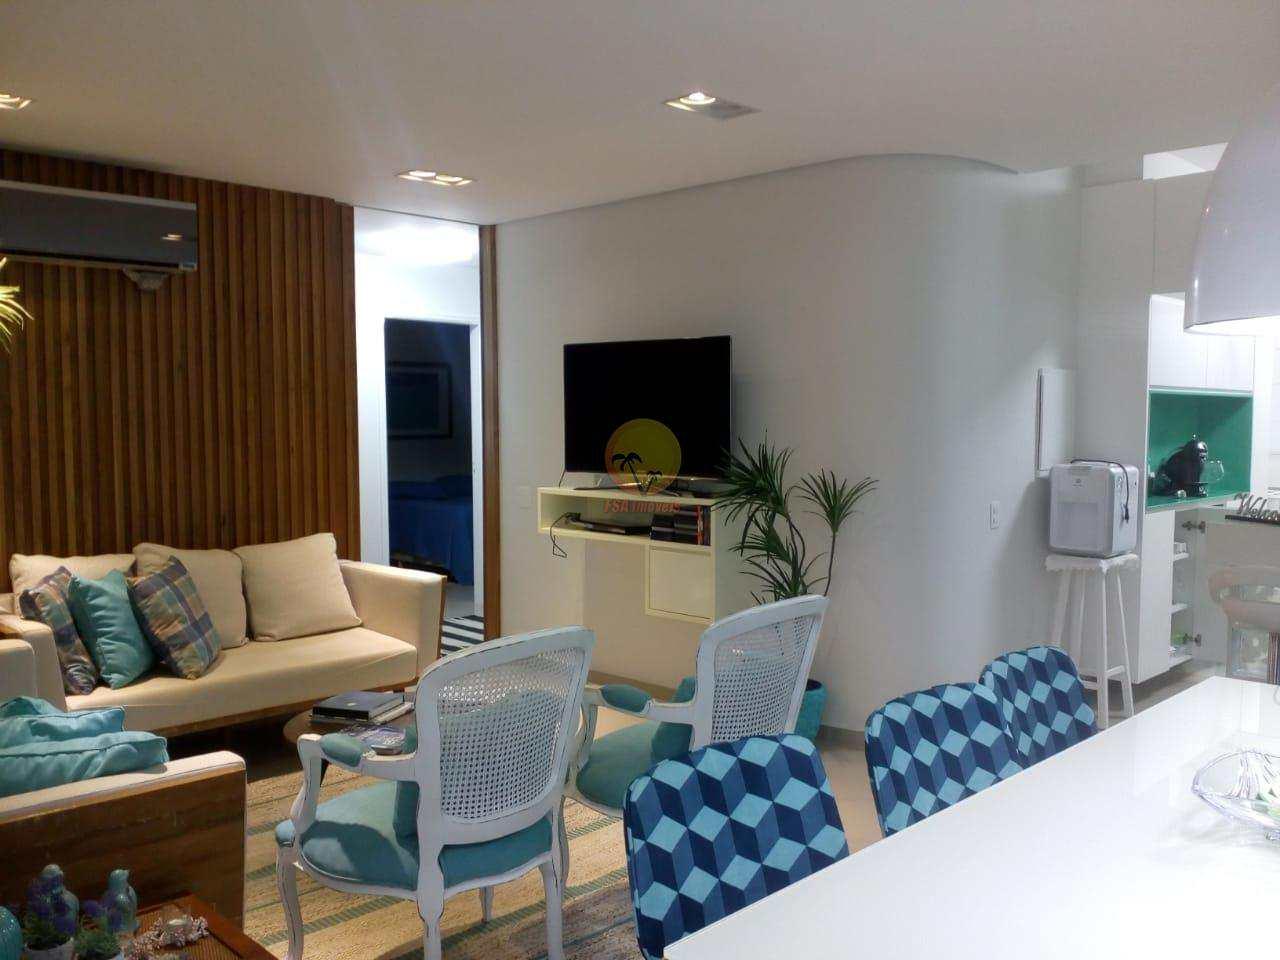 Apartamento com 3 dorms, Riviera de São Lourenço, Bertioga - R$ 1.100.000,00, 110m² - Codigo: 3397